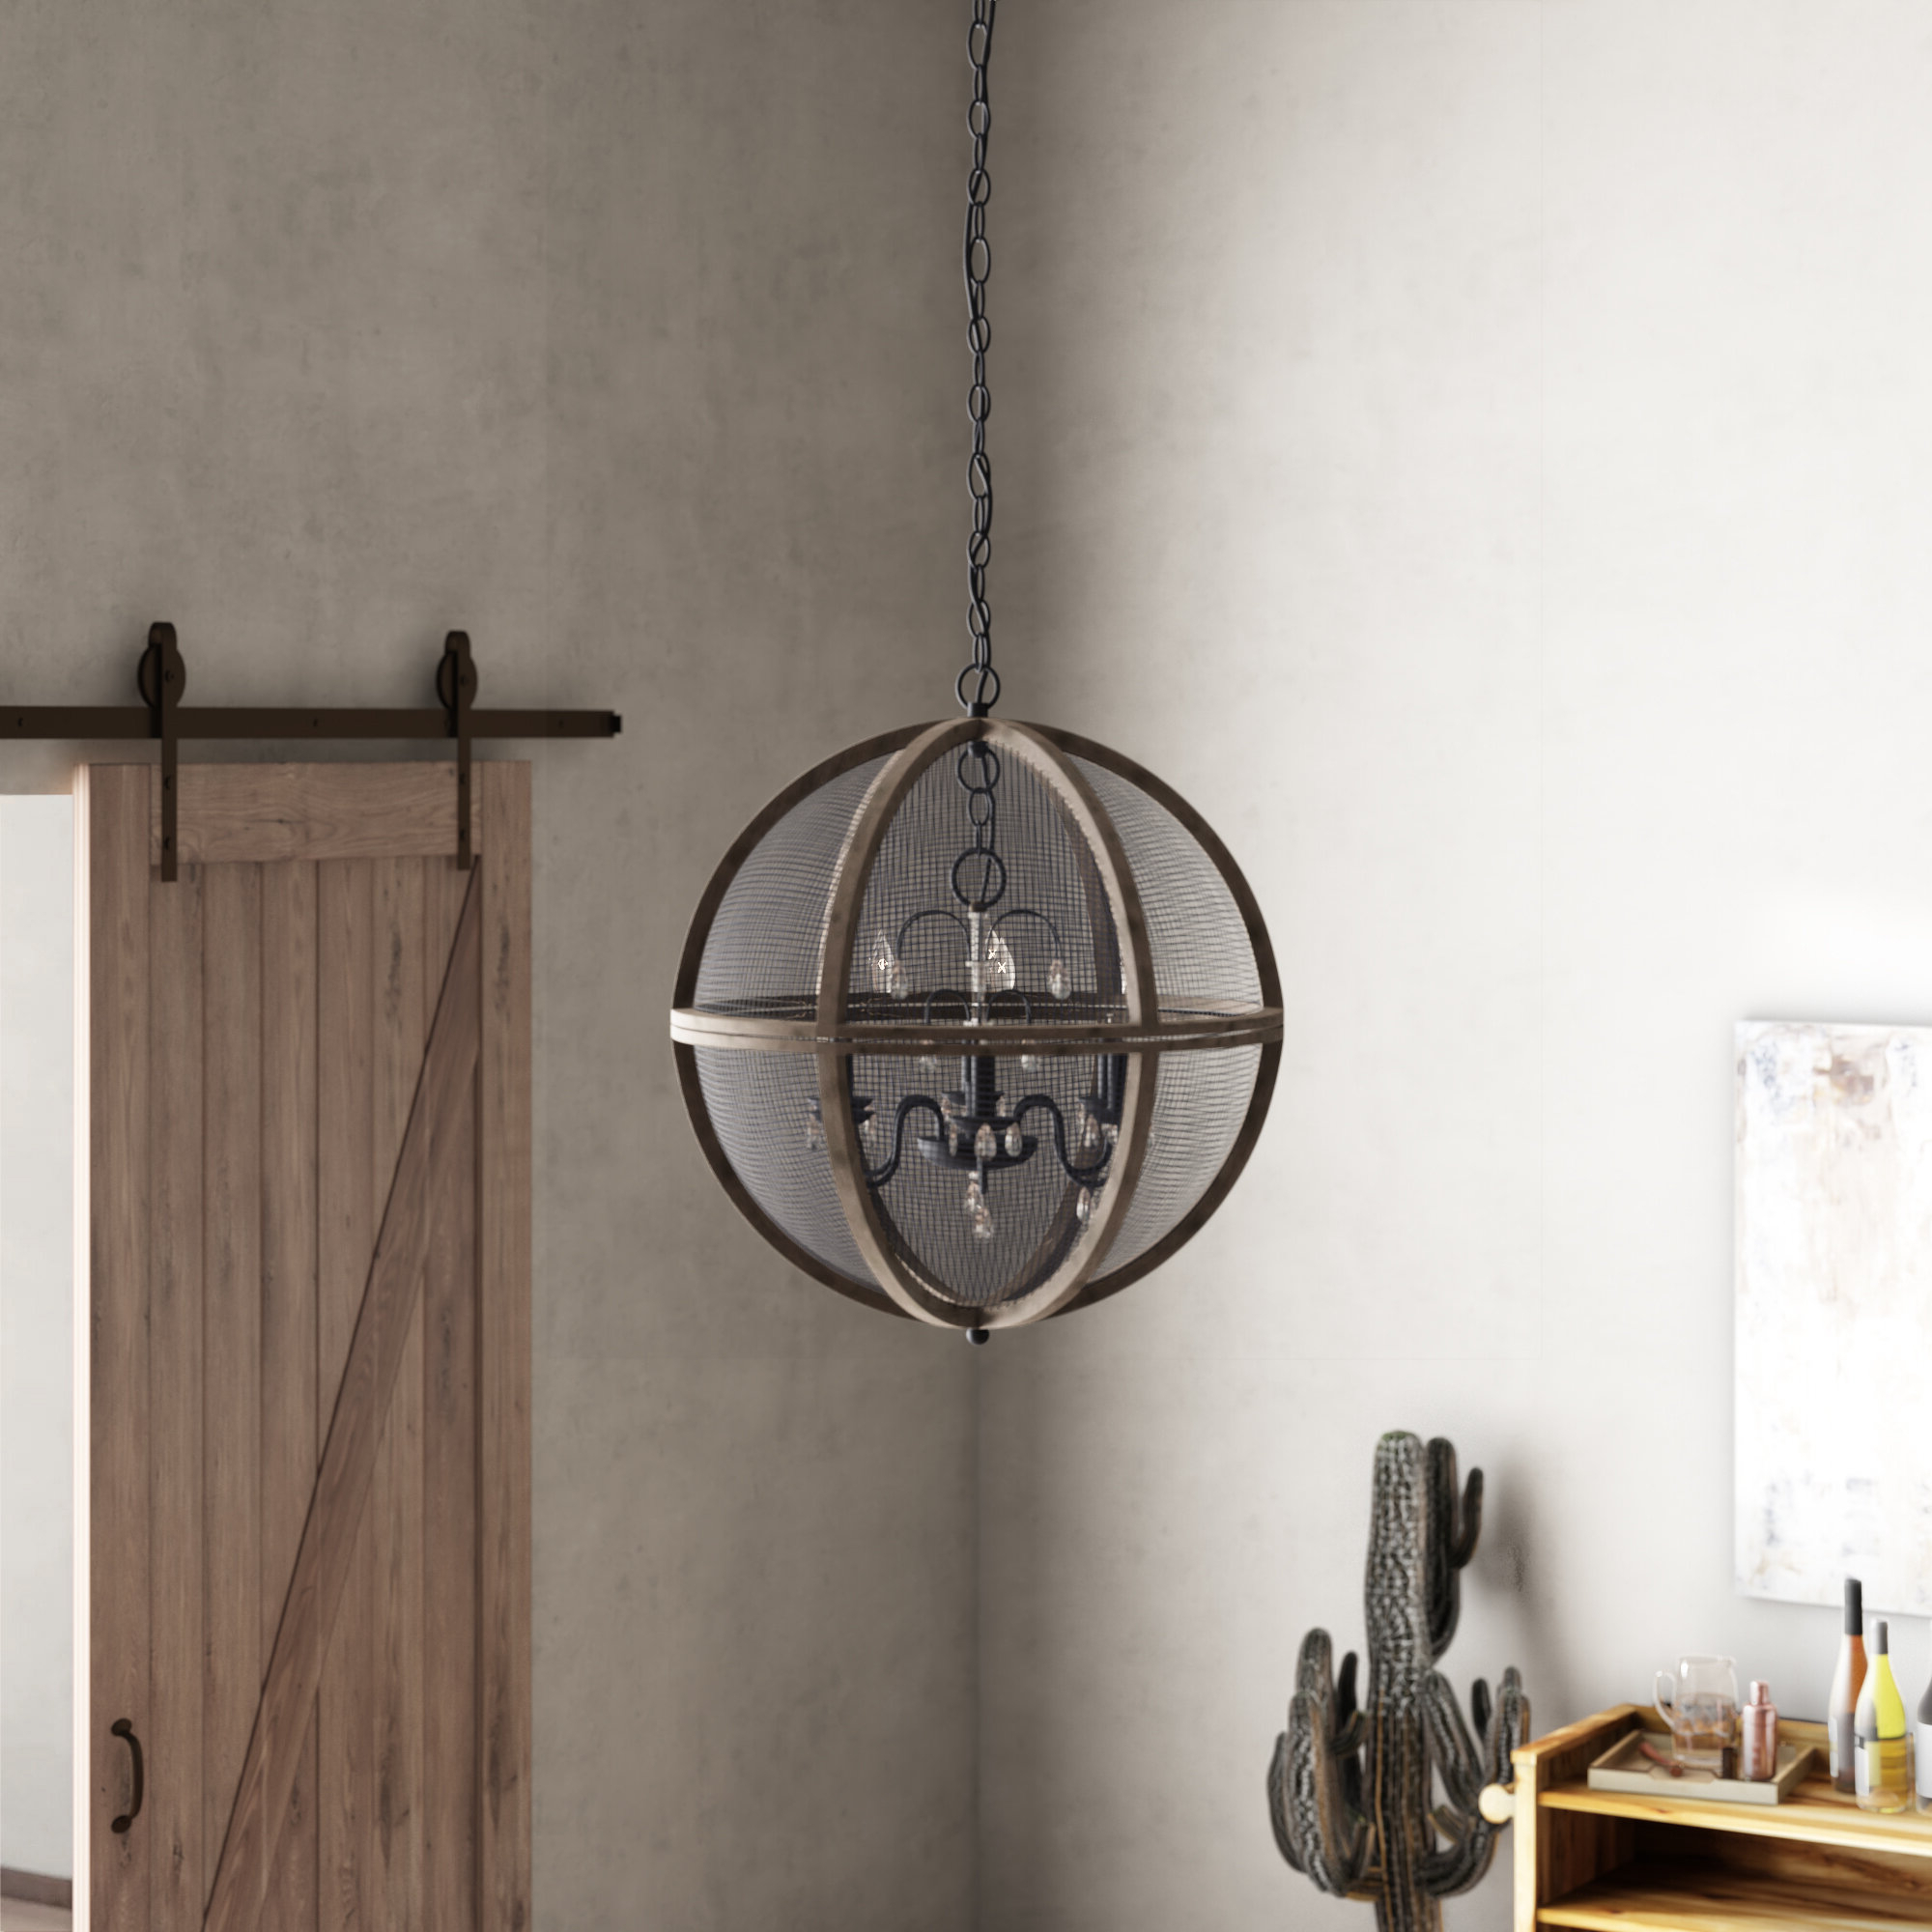 Verlene Foyer 5 Light Globe Chandeliers Pertaining To Recent Frodsham 5 Light Globe Chandelier (View 22 of 25)